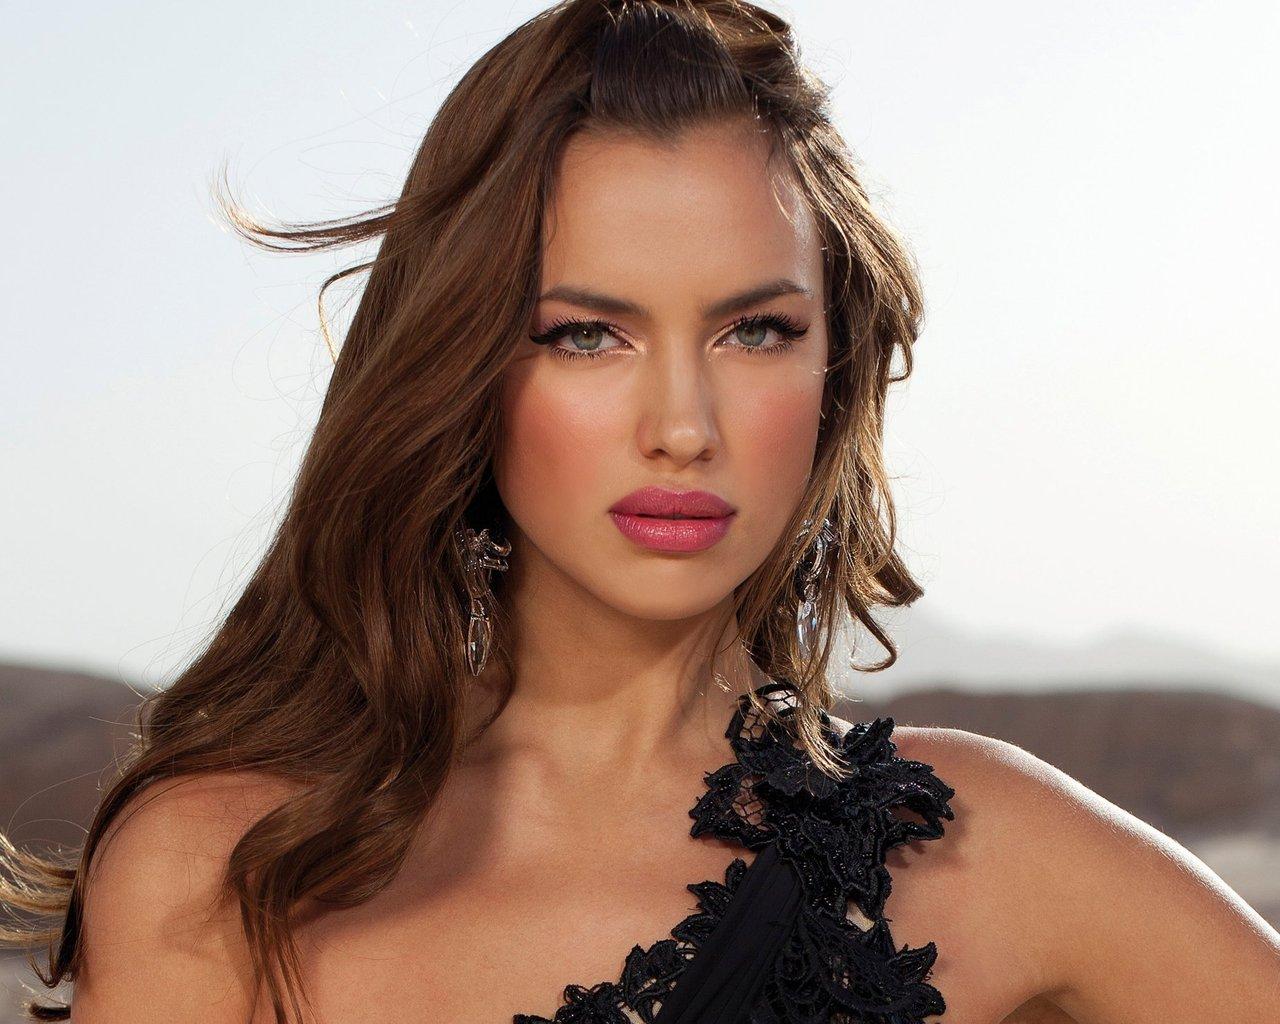 Самые красивые девушки модели 11 фотография